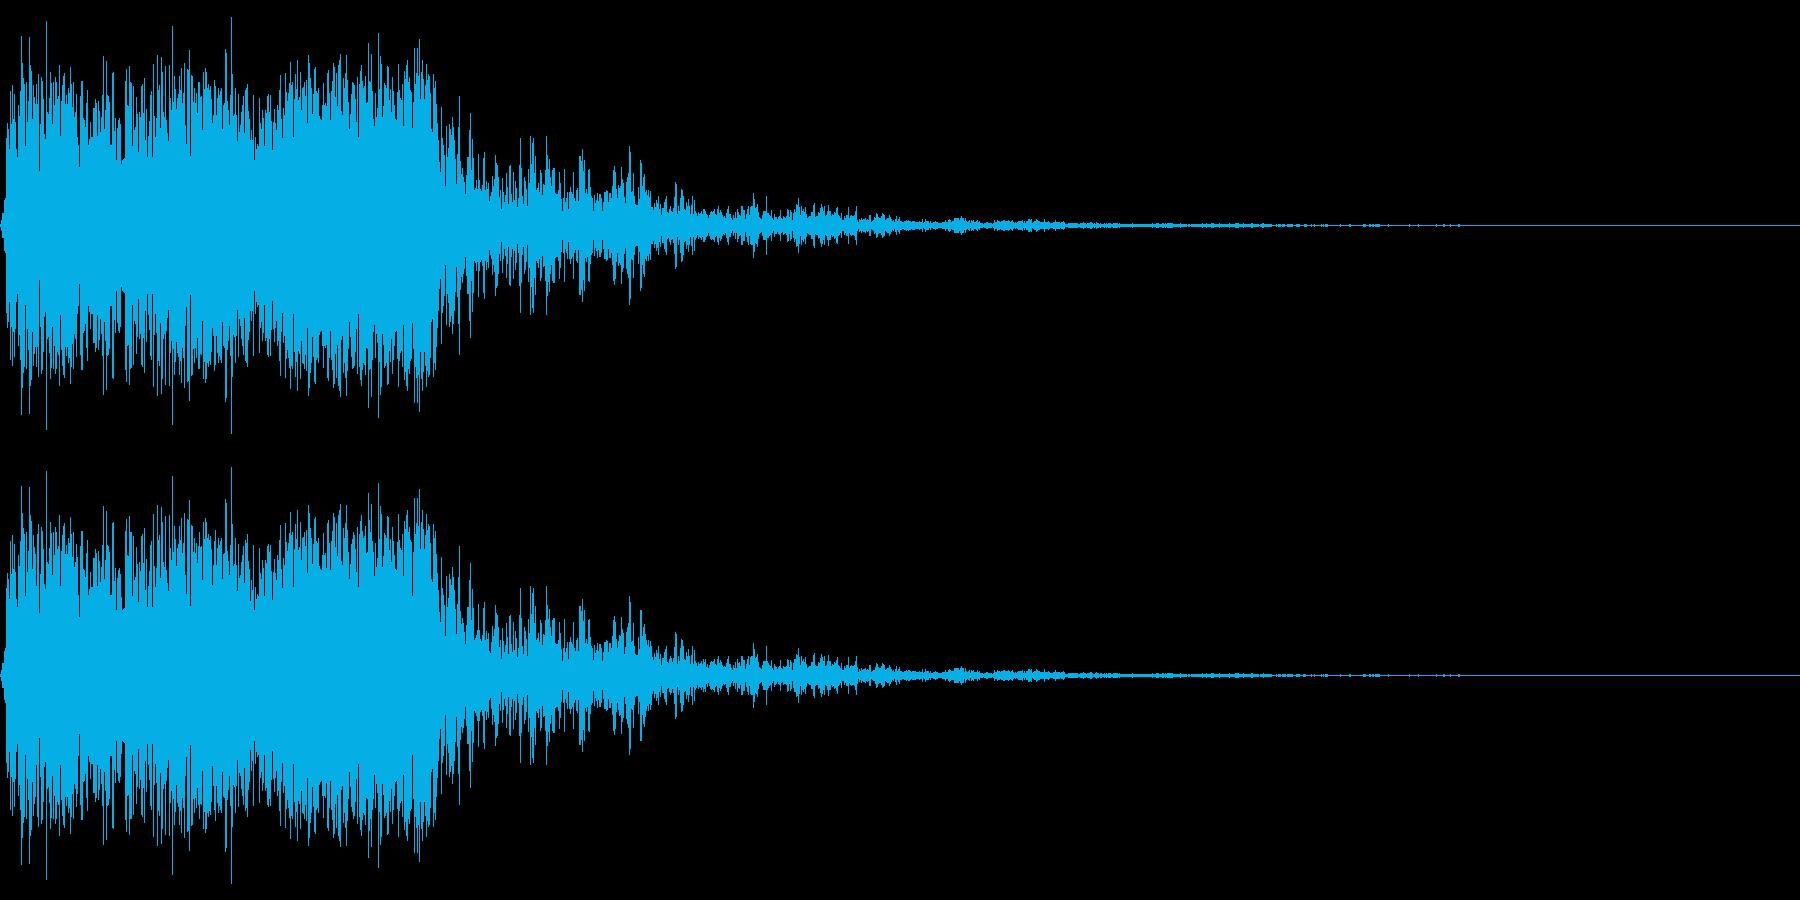 昔のゲームの様な非リアルな打撃音のイメ…の再生済みの波形